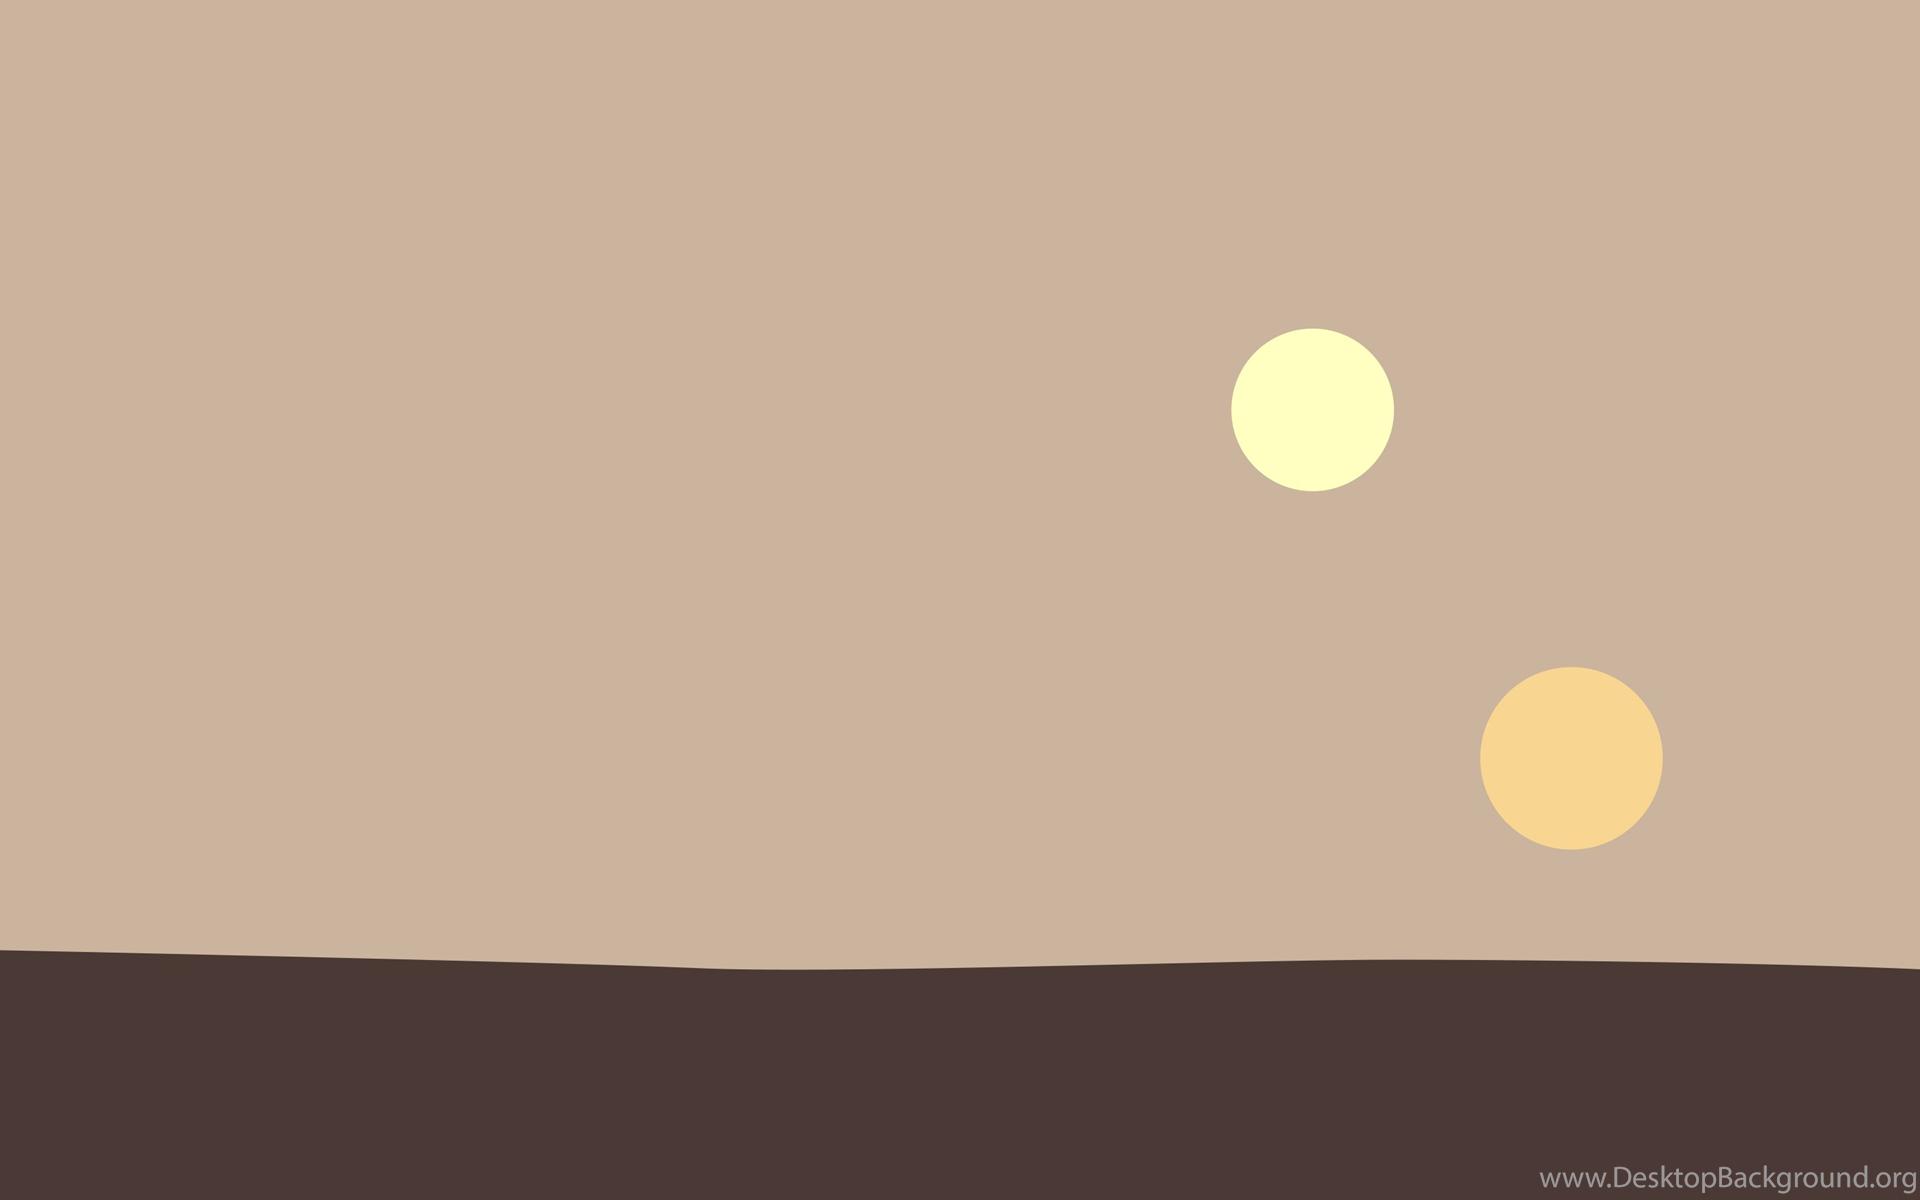 Minimalist Tatooine Wallpapers [2880x1800] : StarWars